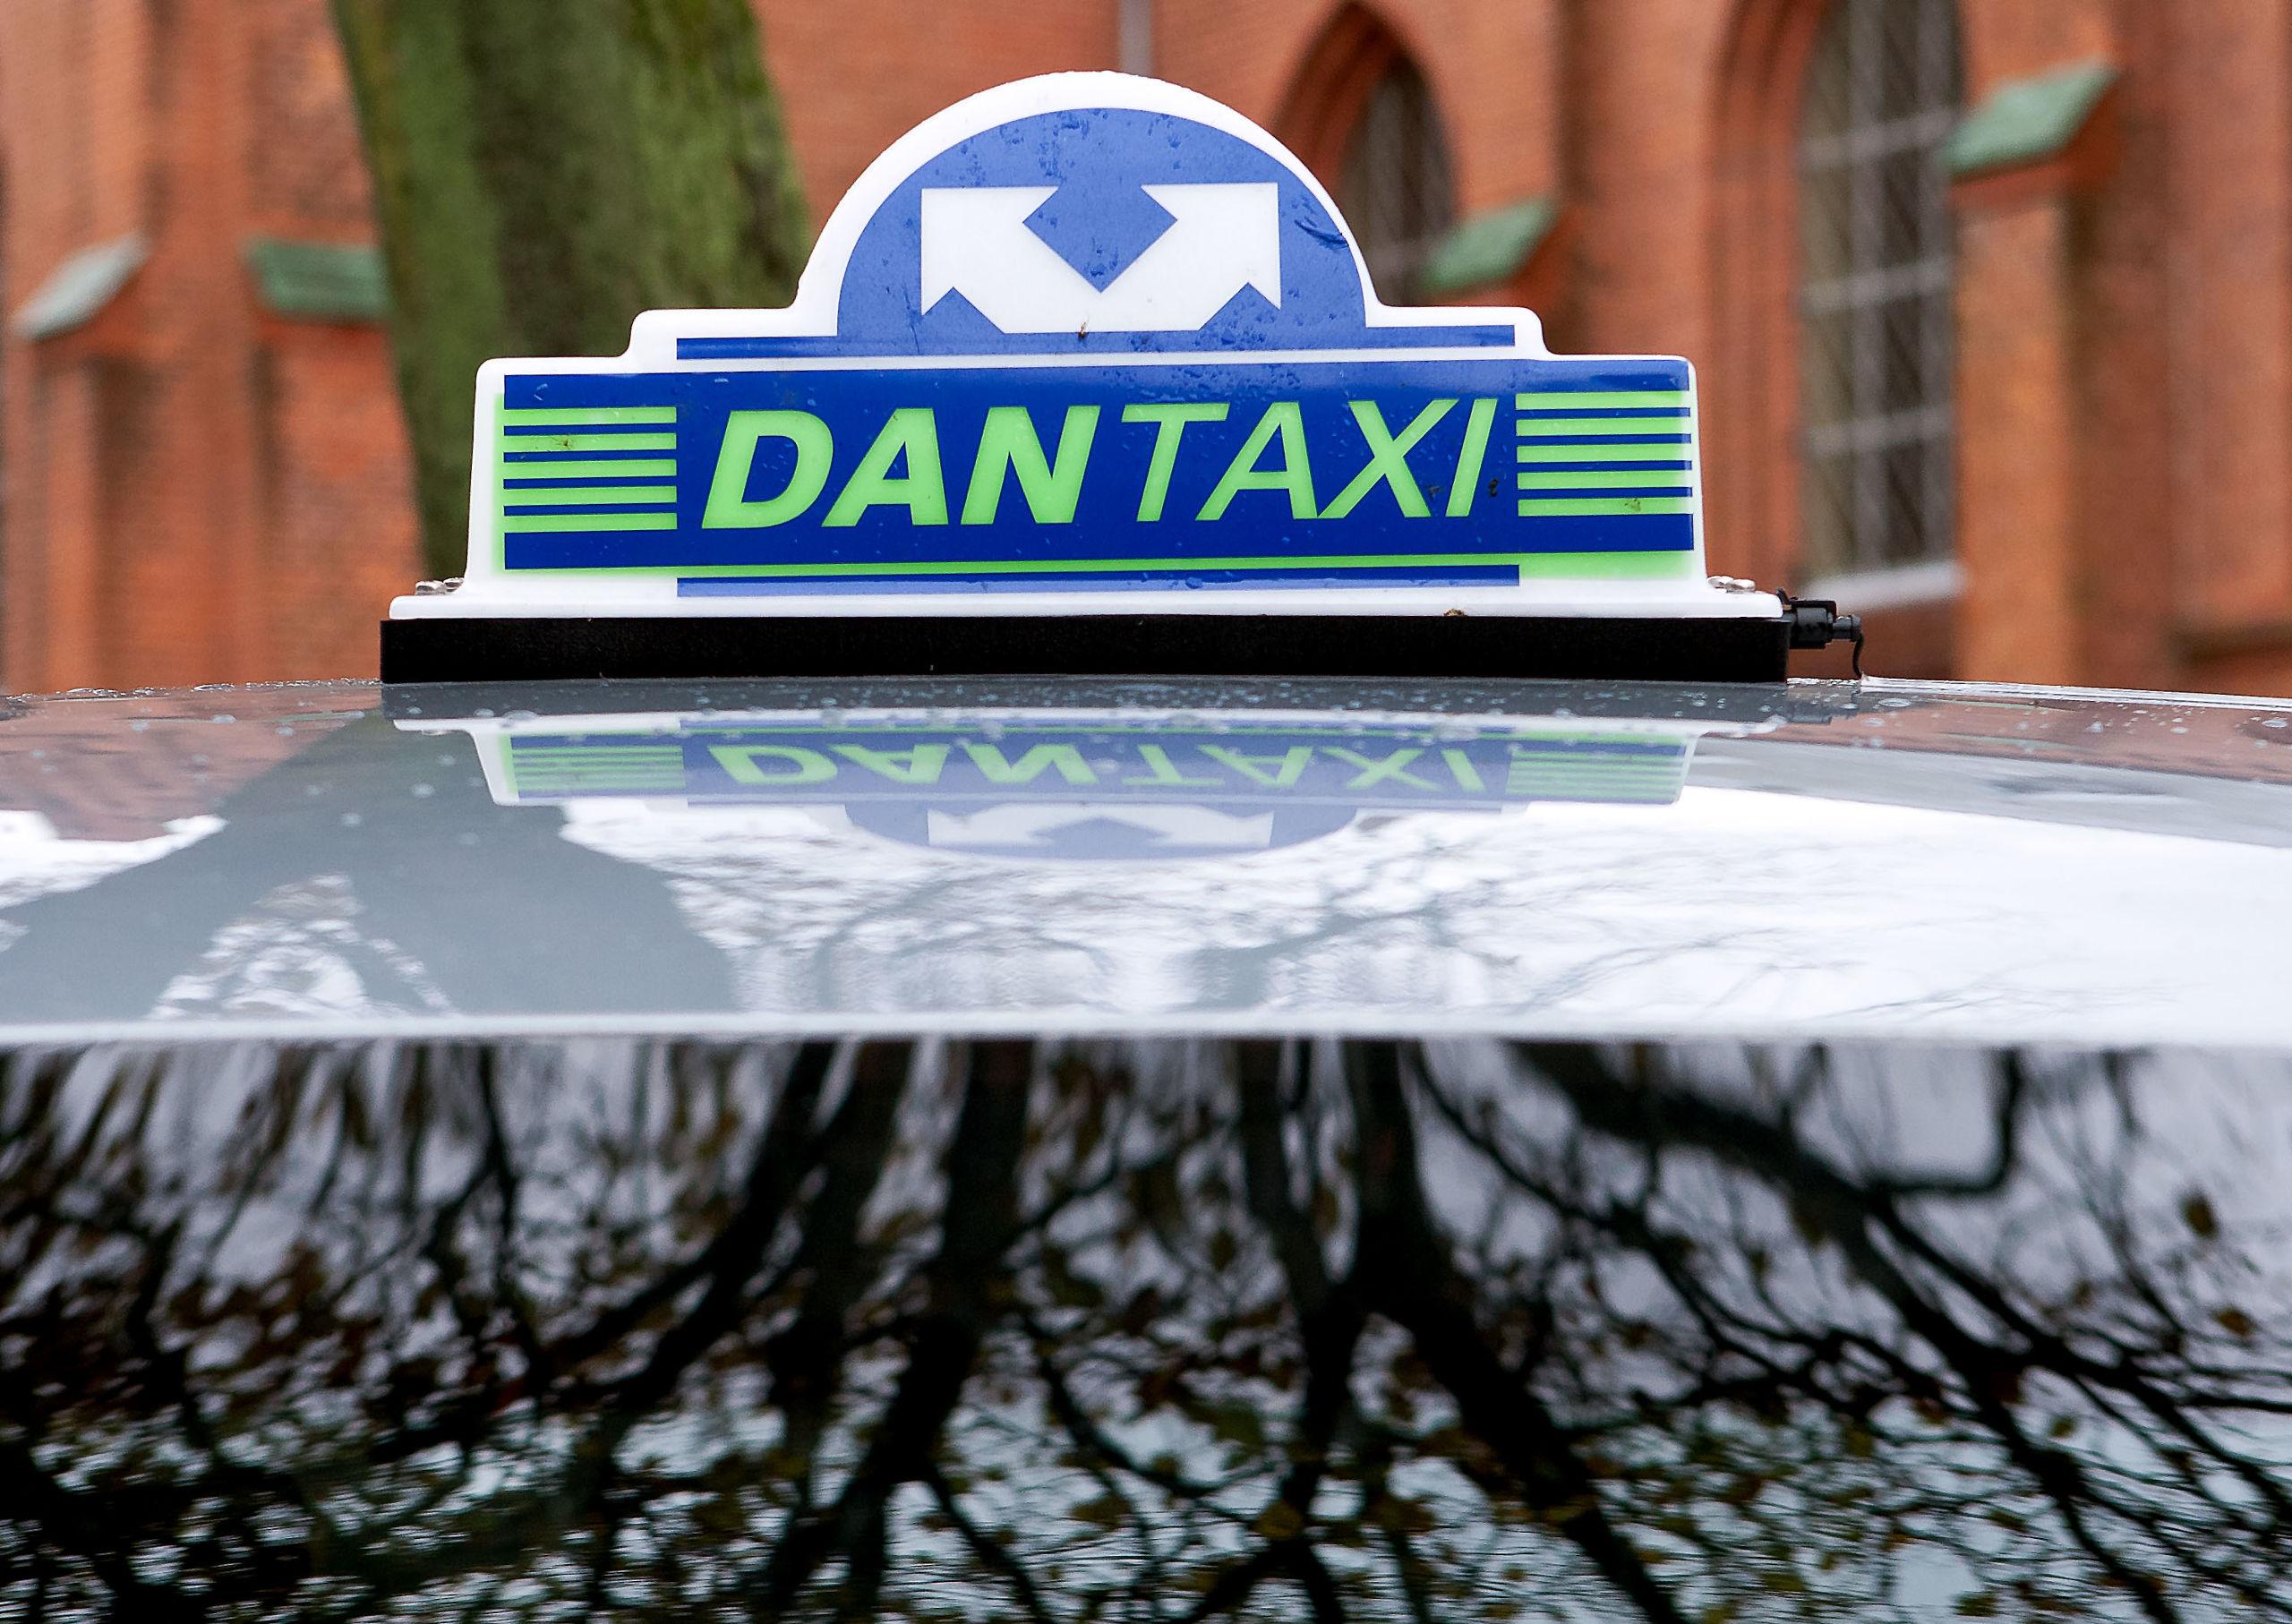 Dantaxi 4x48 er et landsdækkende taxi-selskab og har hyrevogne i de fleste større byer landet over. Arkivfoto